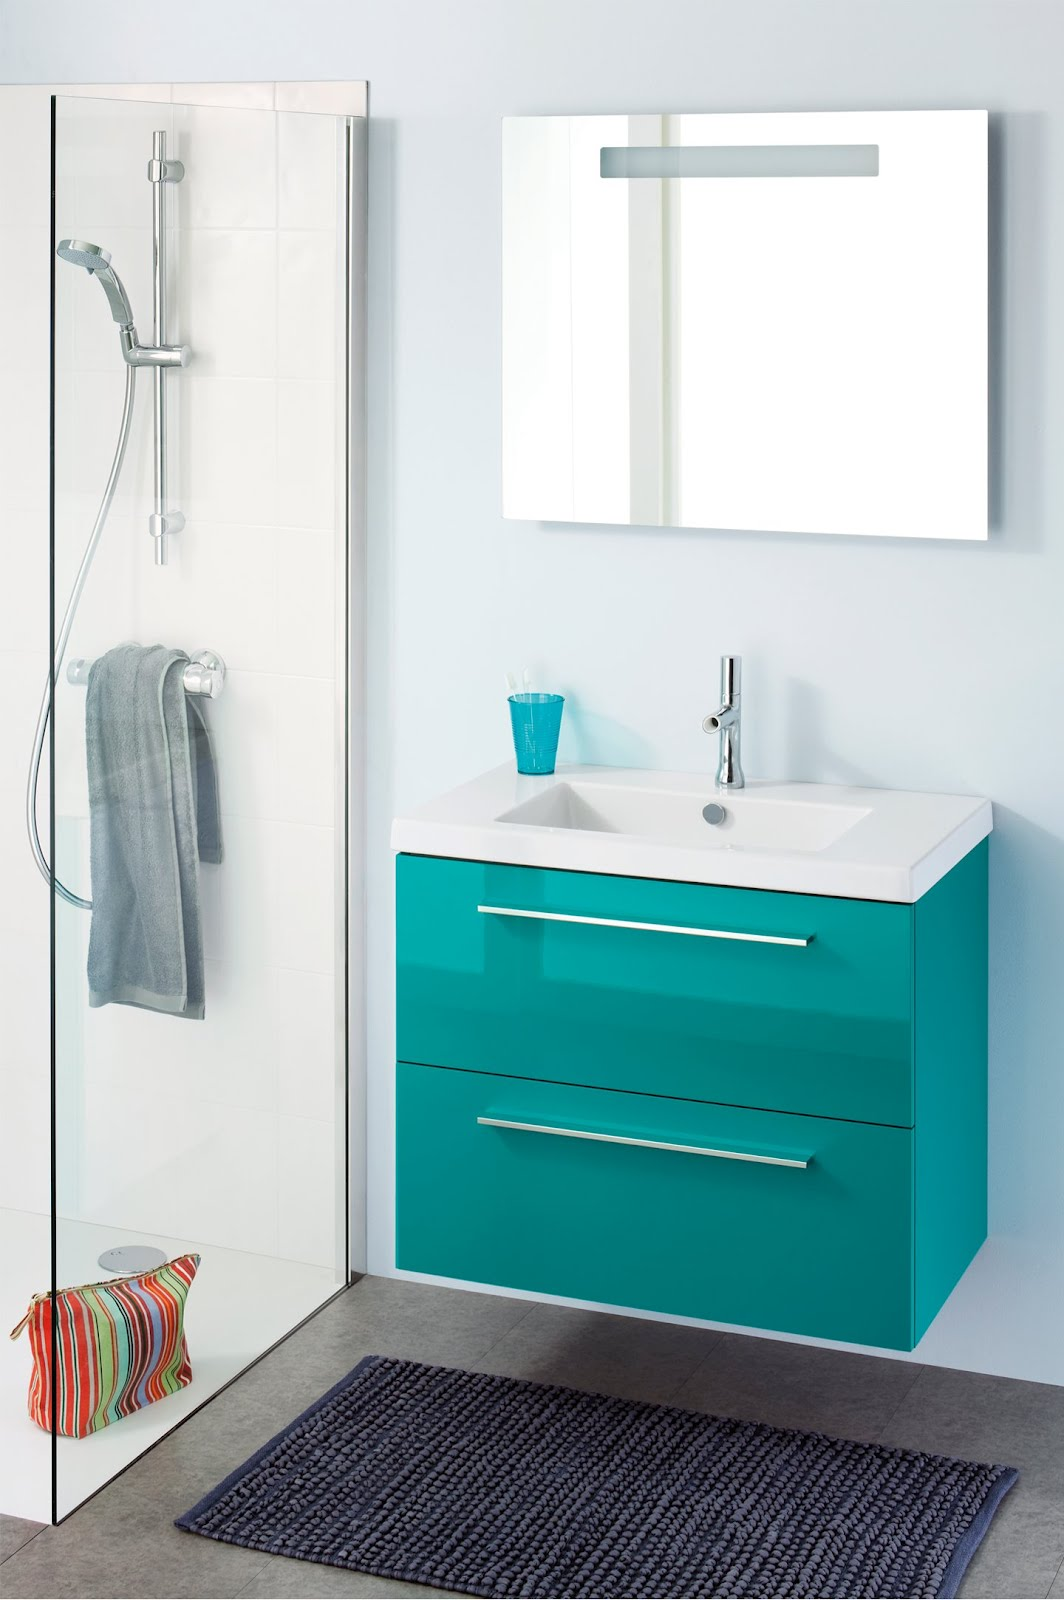 La salle de bain dans tous ses tats d co et saveurs for Couleur salle de bain bonne mine